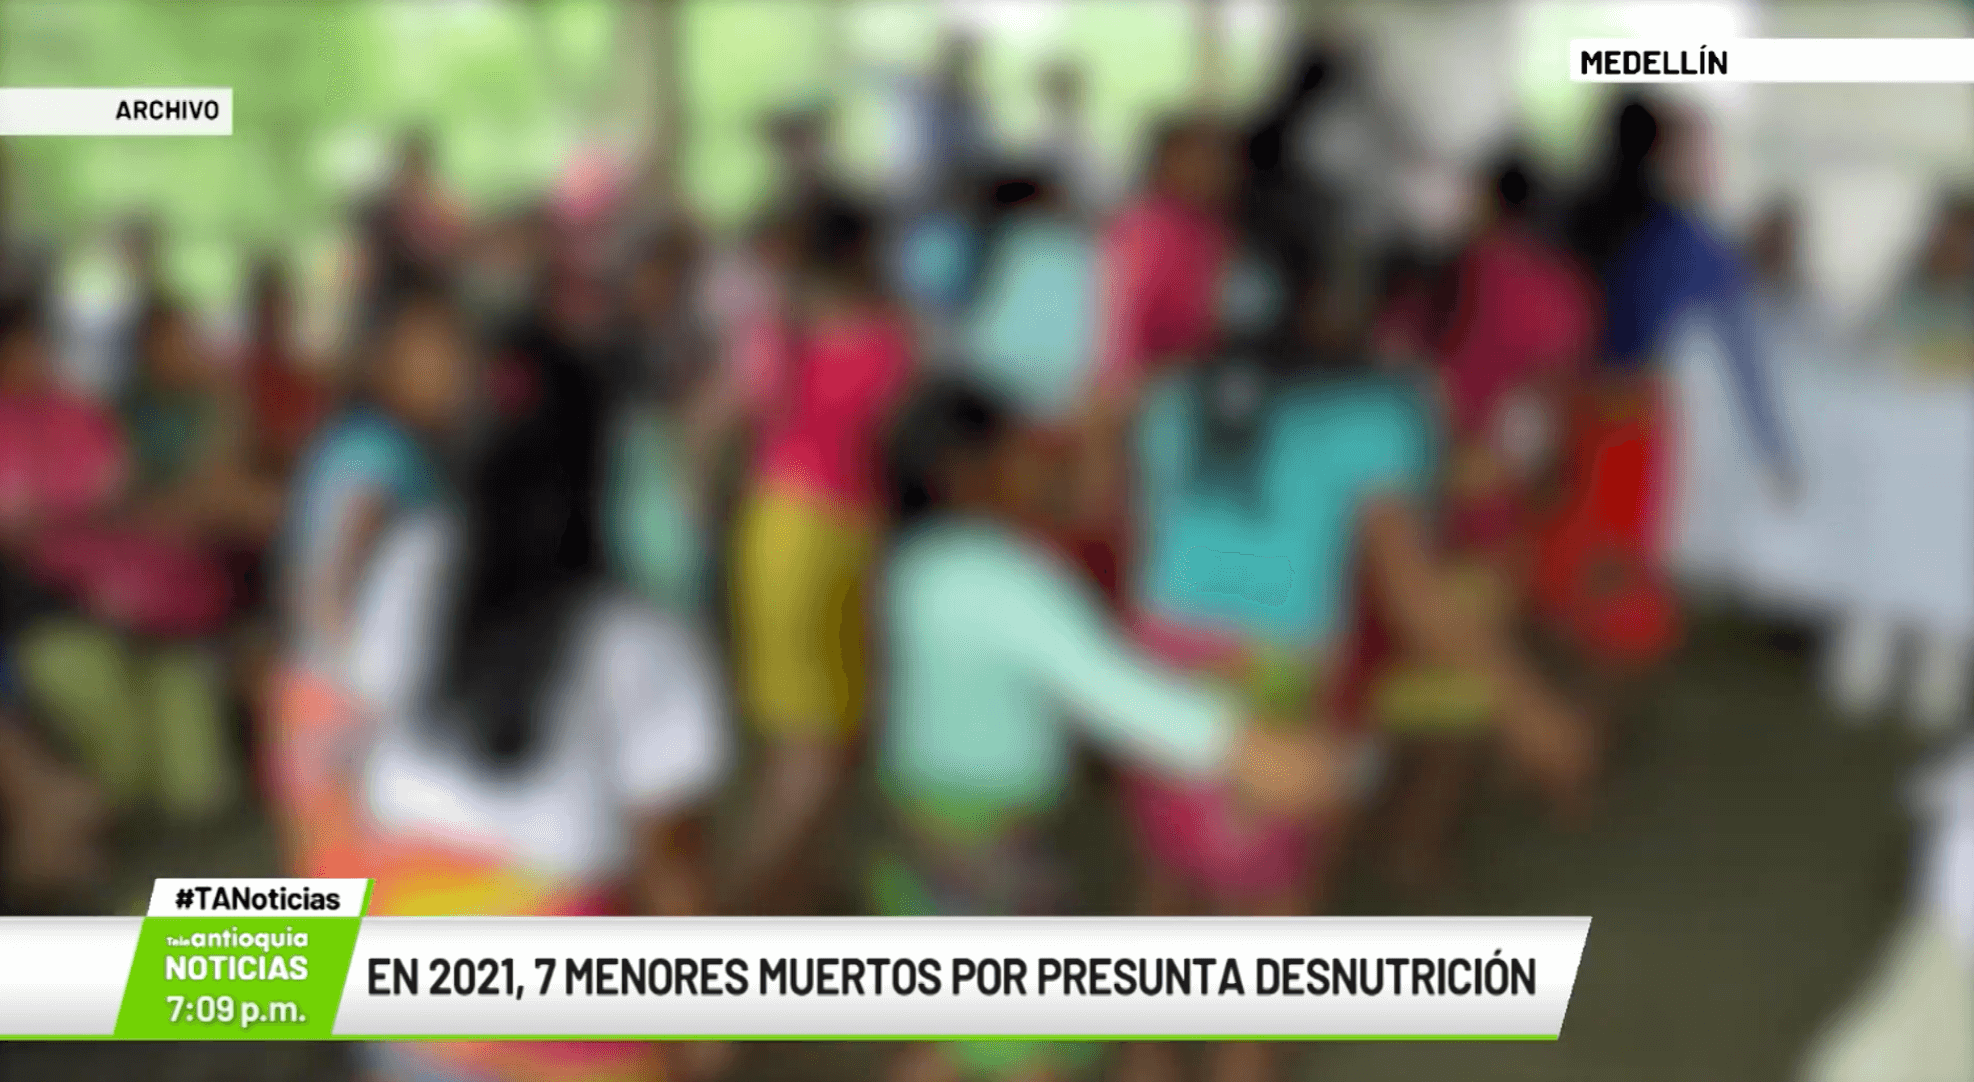 En 2021, siete menores muertos por presunta desnutrición